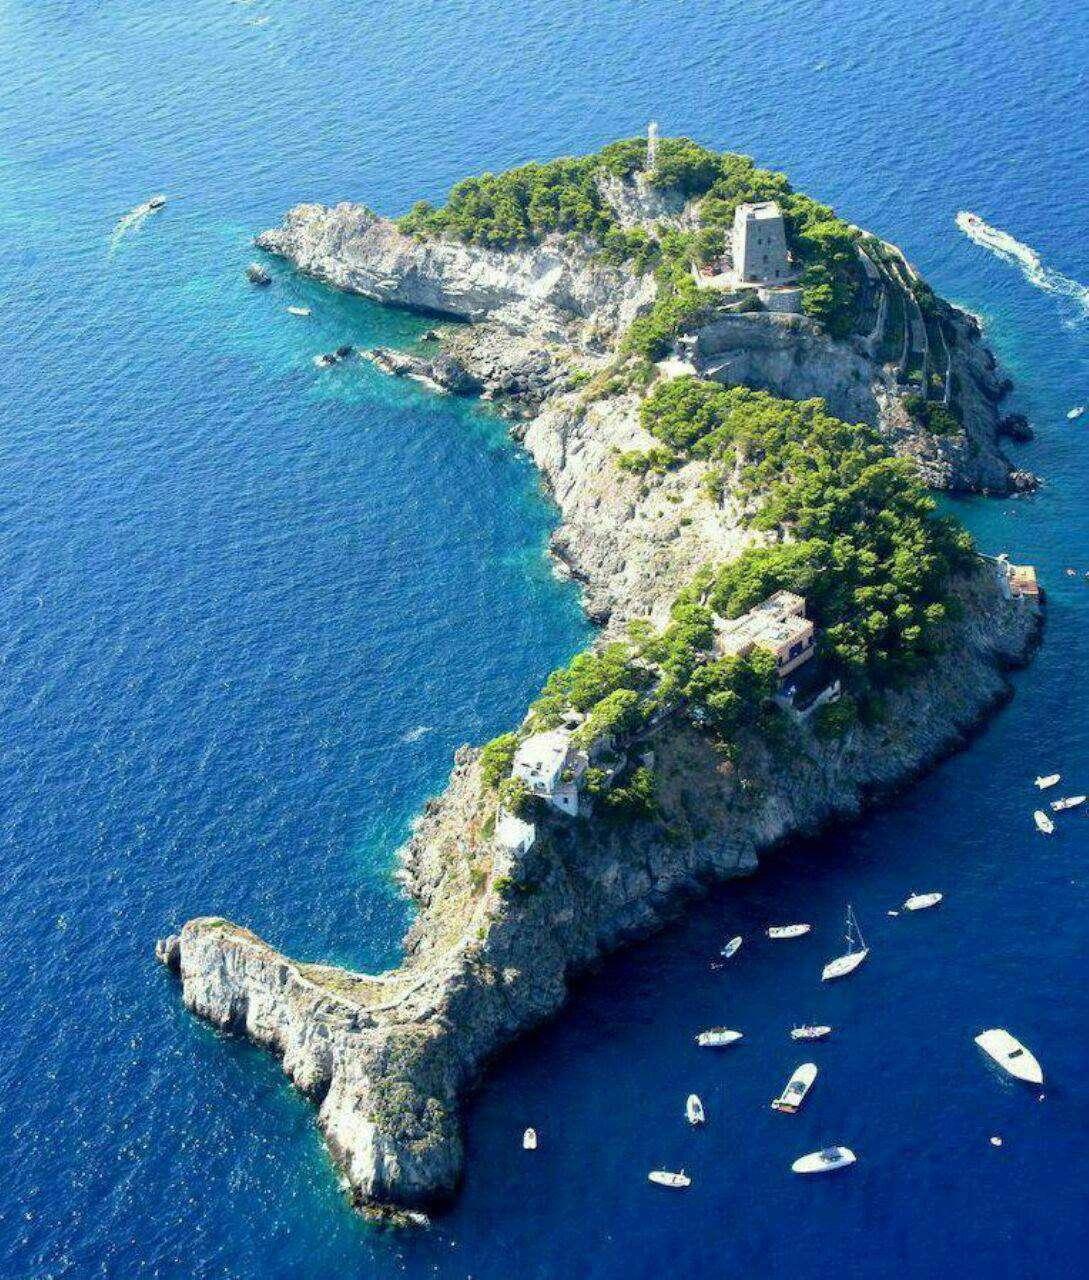 جزیره «لی گالی» در ایتالیا، که شبیه به دلفین است